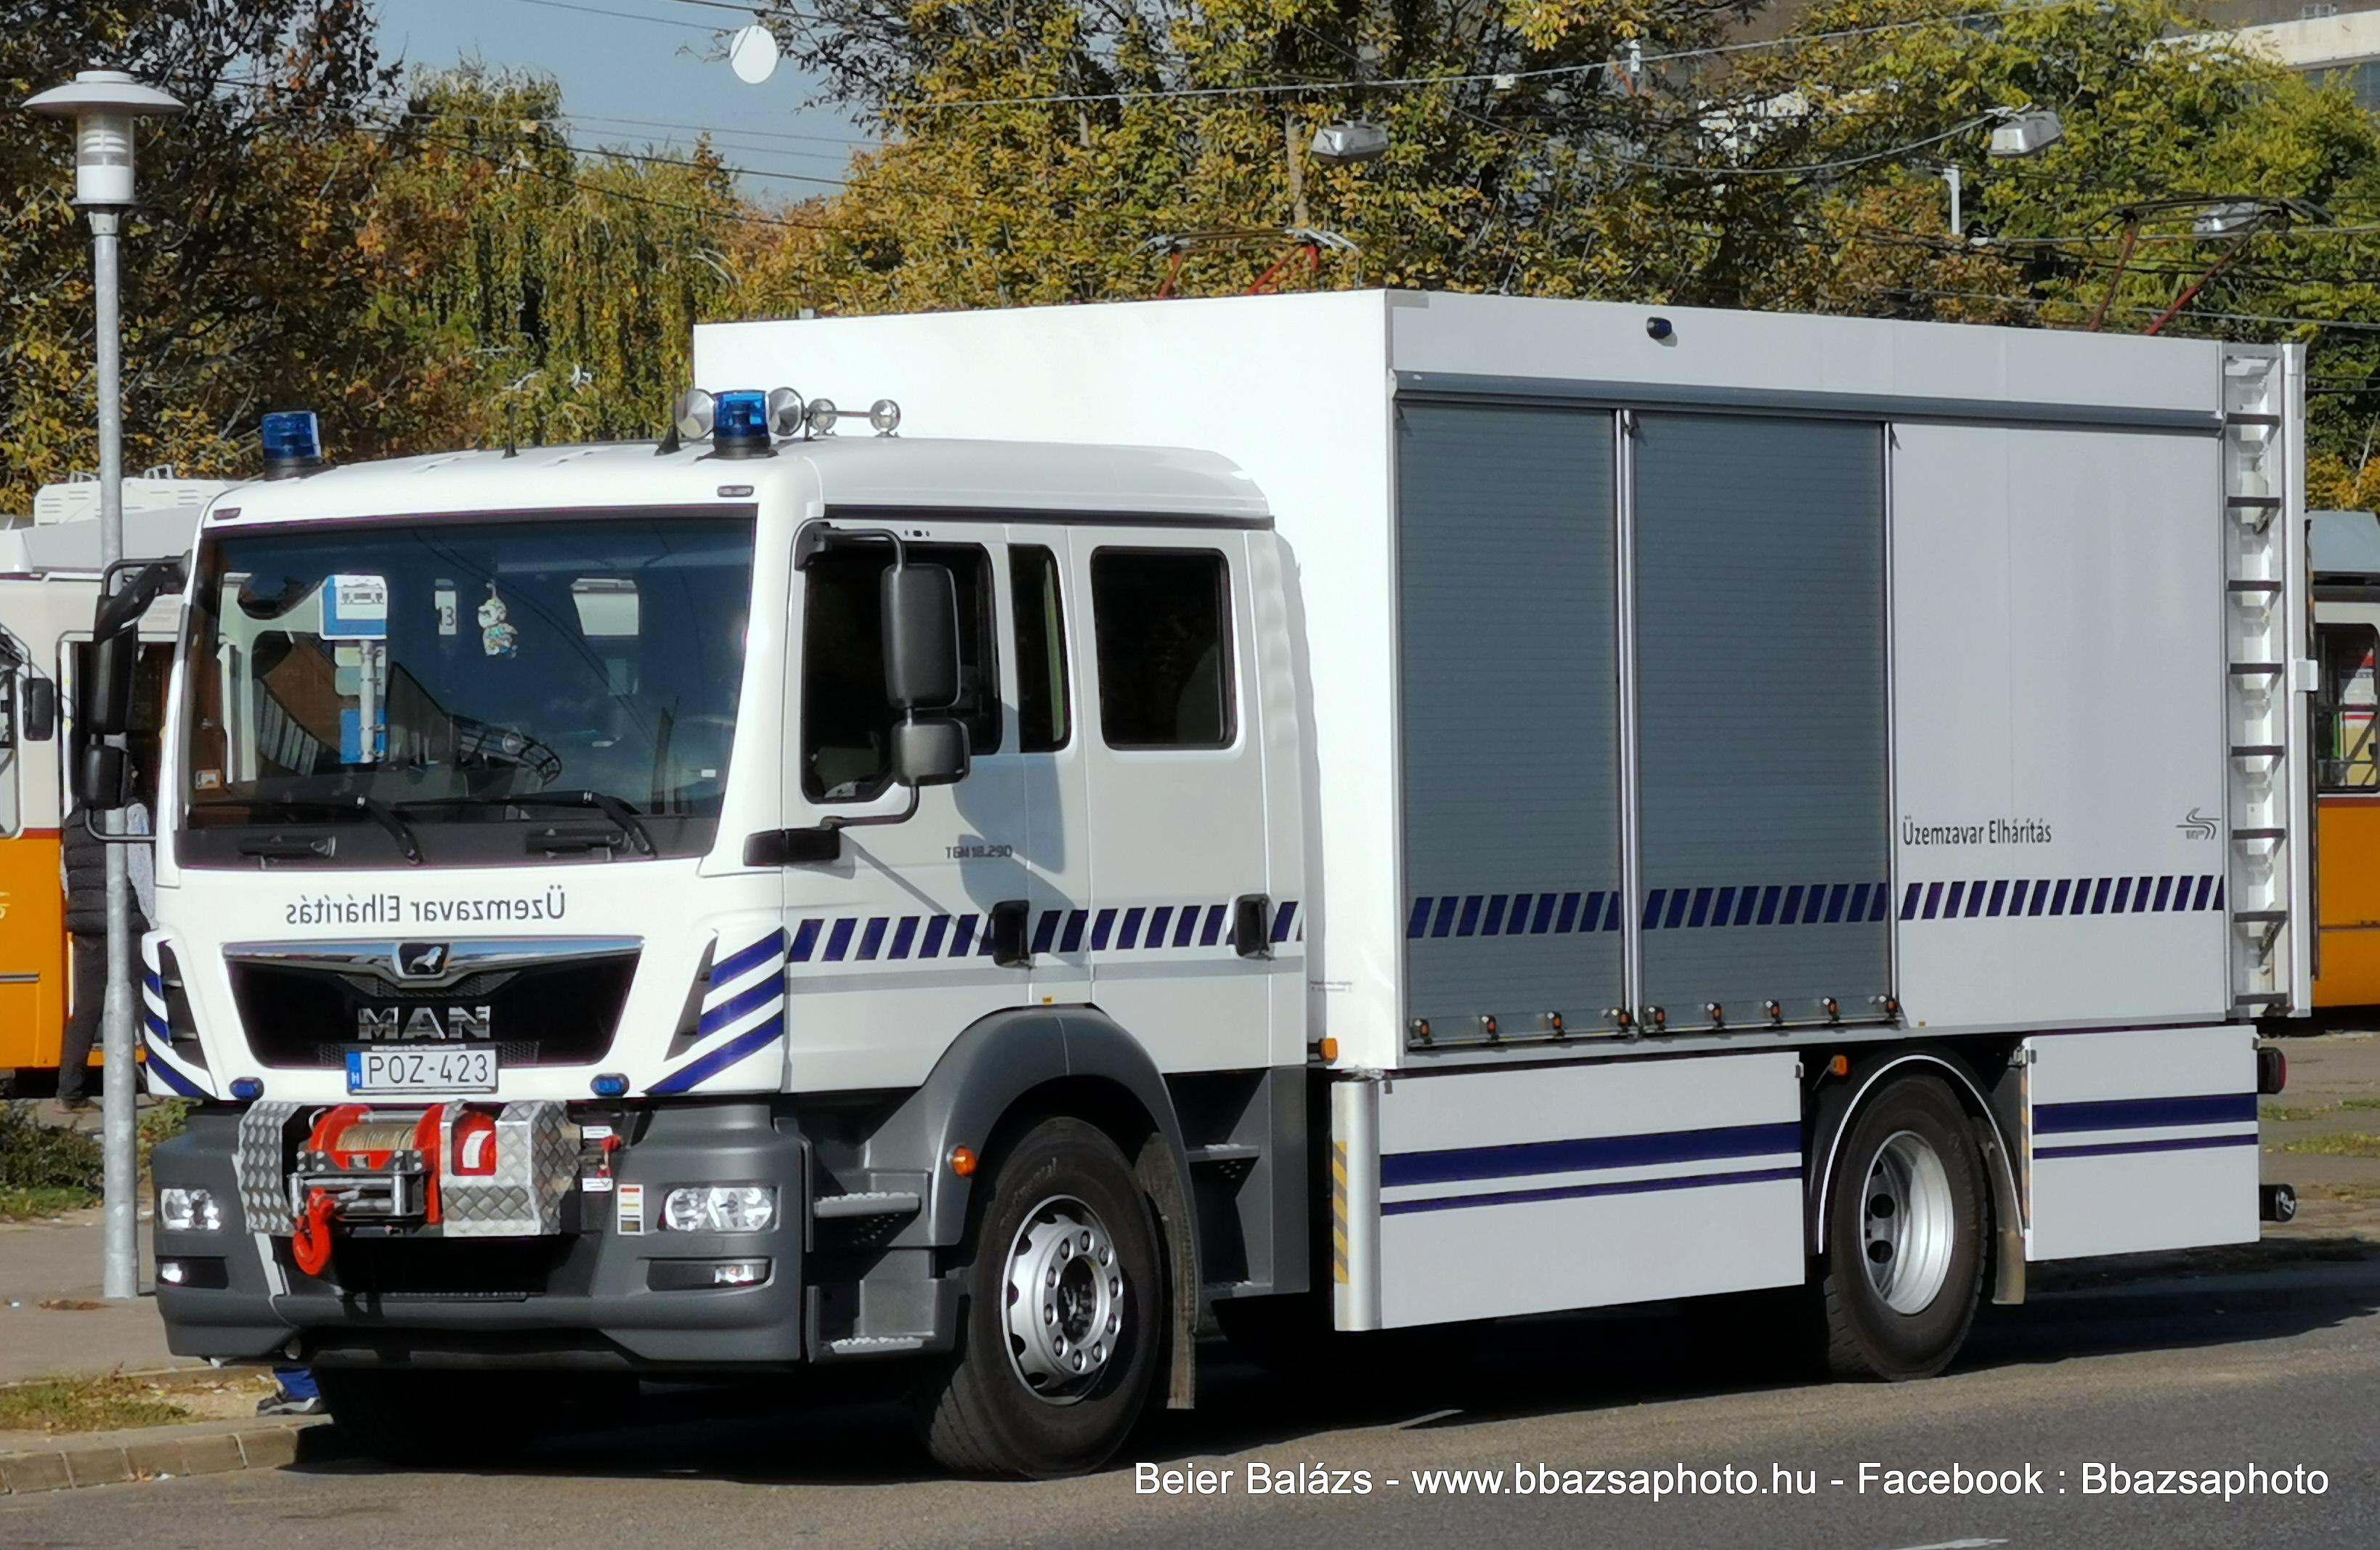 MAN TGM 18.290 – BKV Üzemzavarelhárítás POZ-423